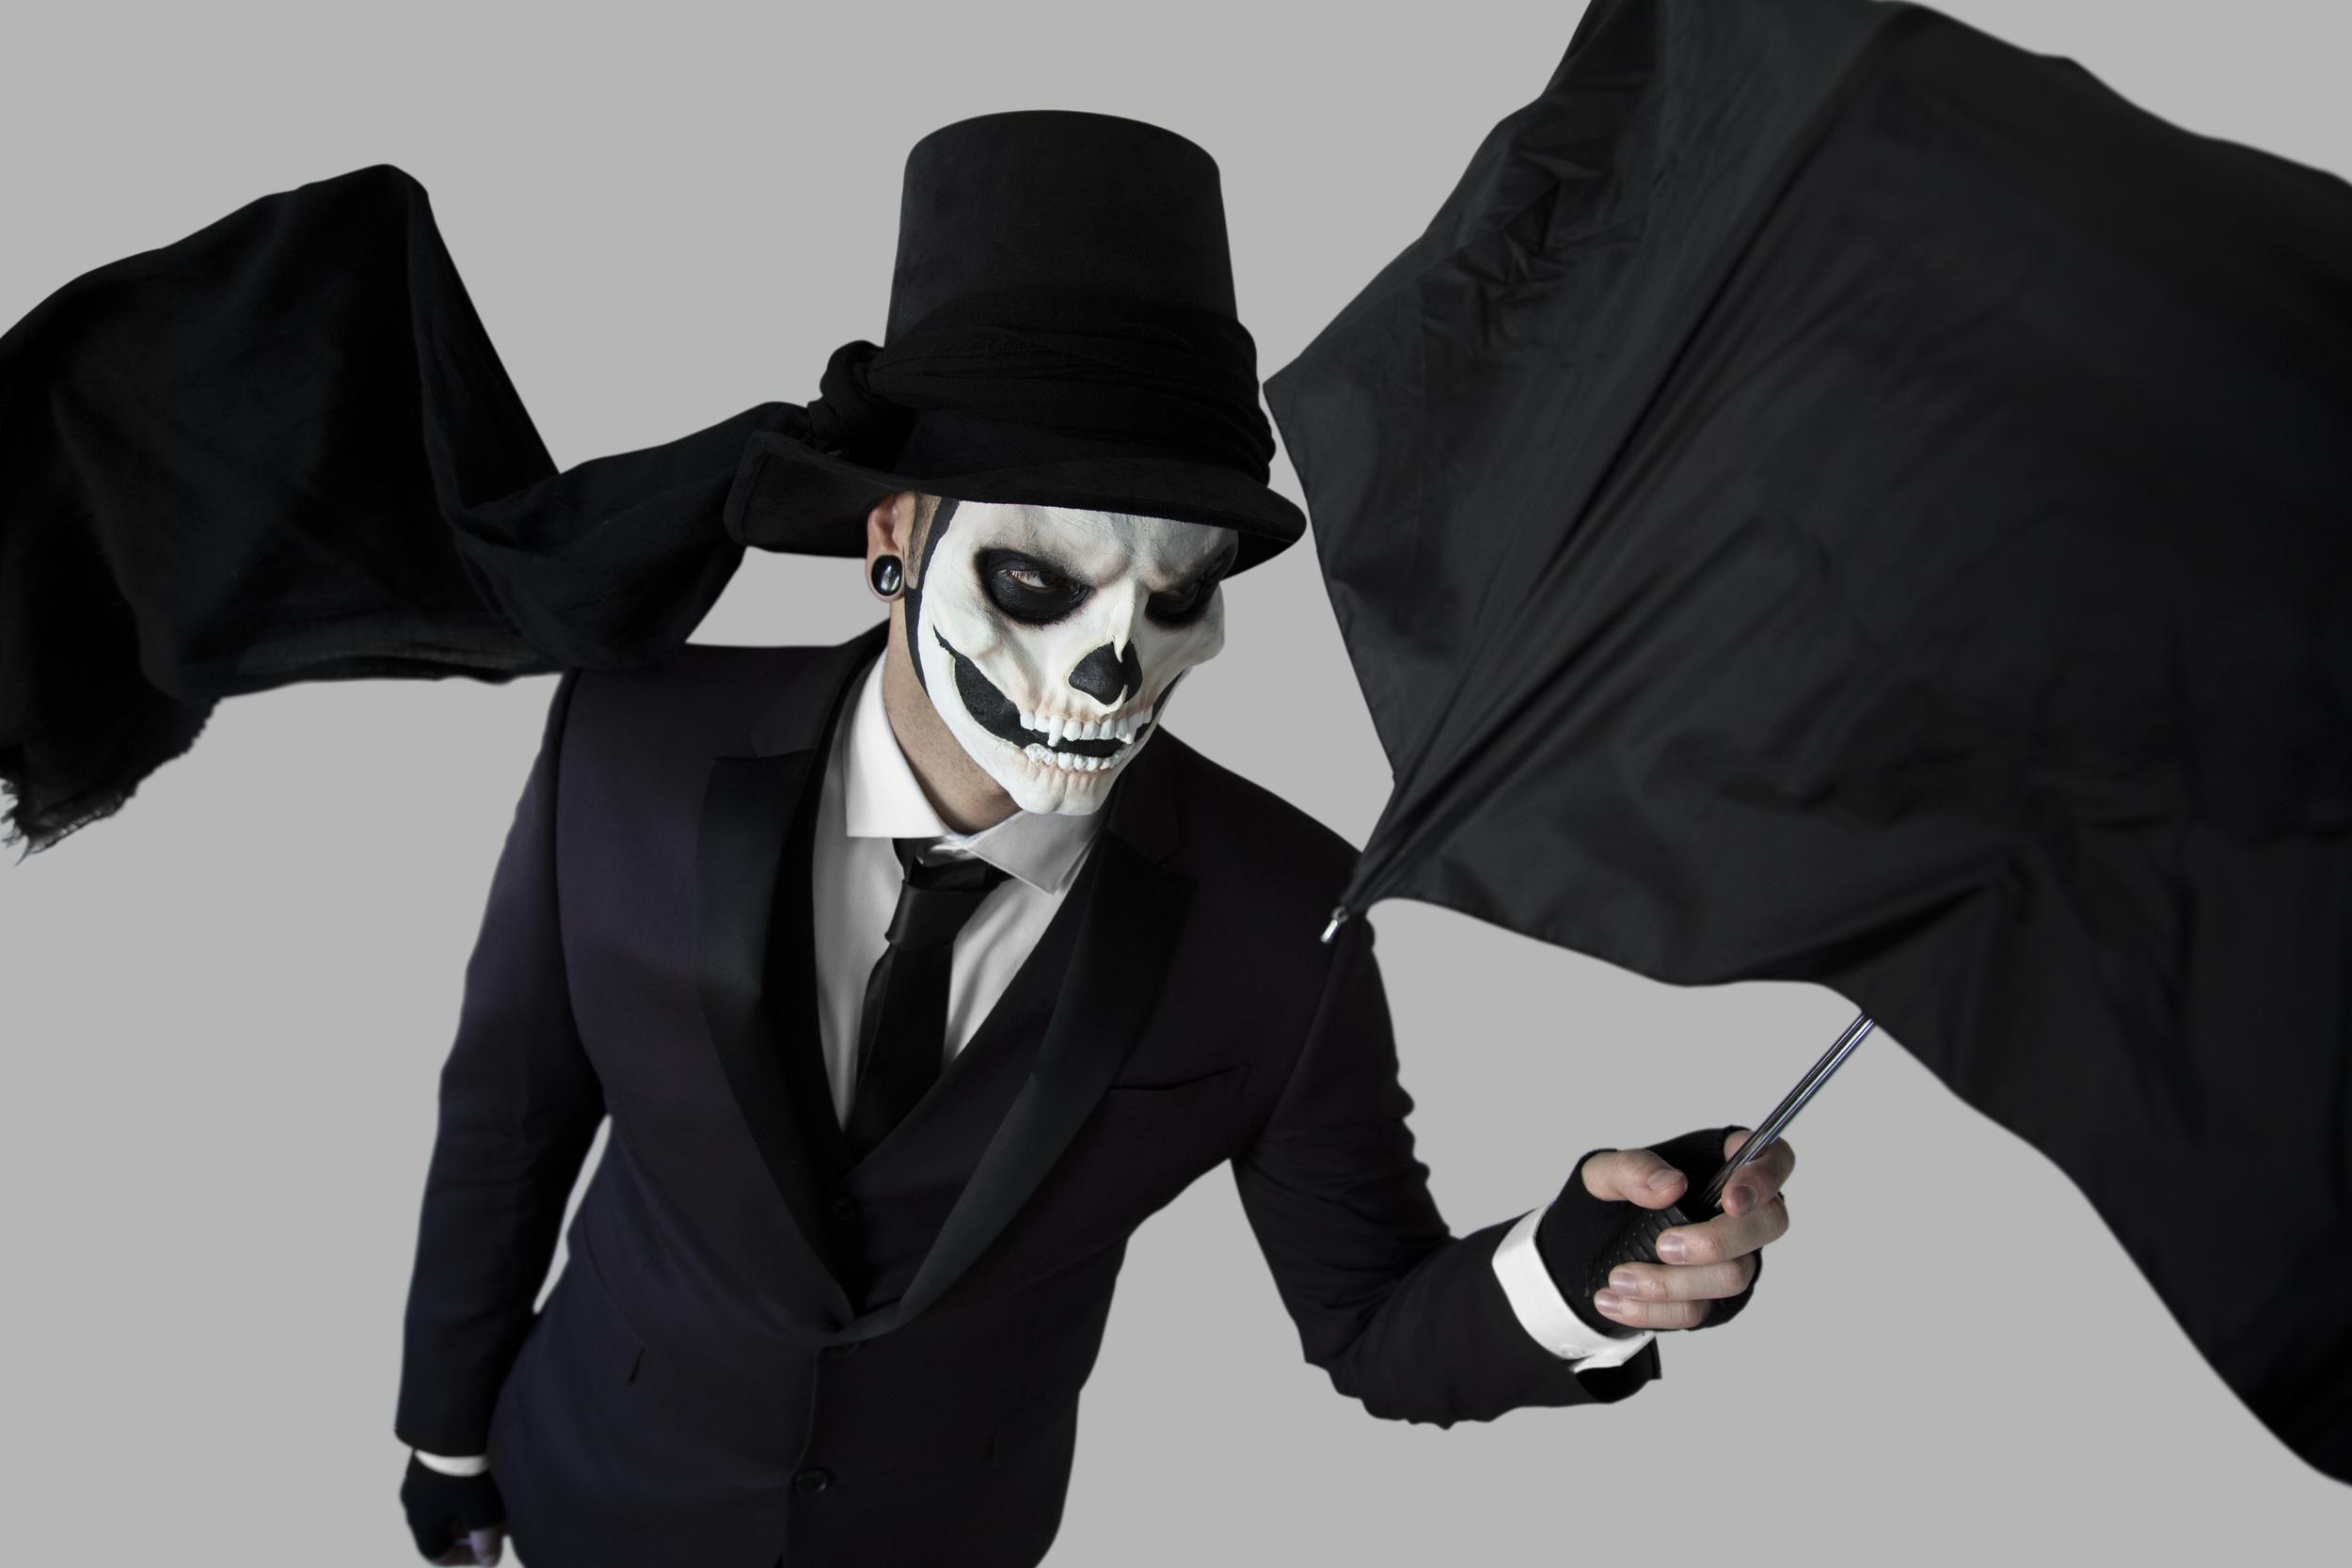 Gorey_Skeleton_High.jpg